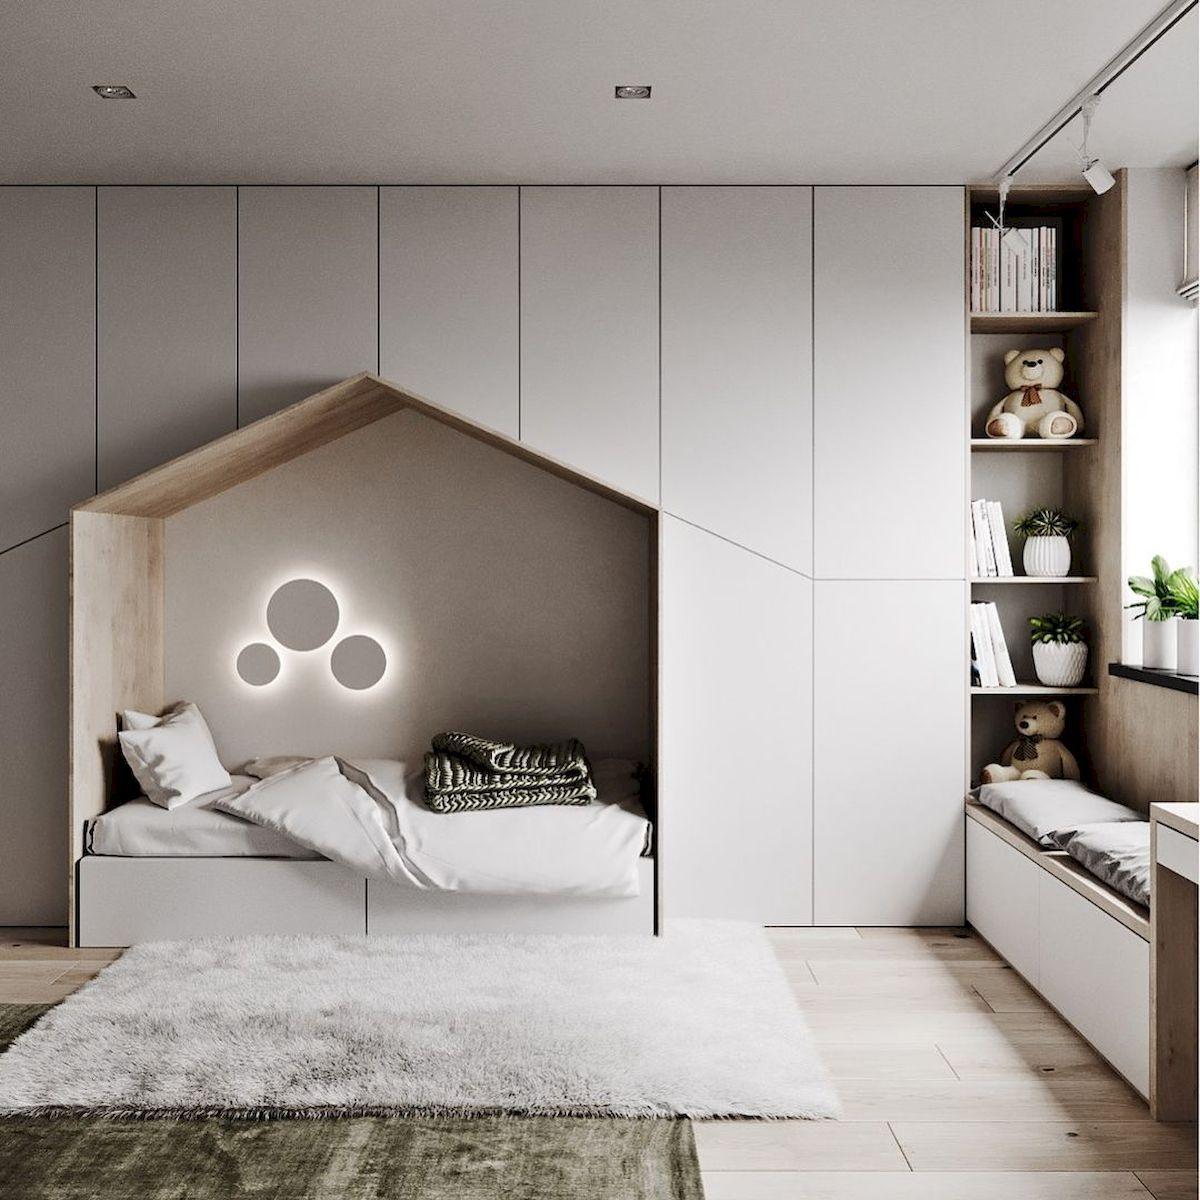 The Idea Of Window Seat For Your Bedroom Jihanshanum Cozy Bedroom Design Kids Bedroom Sets Kids Bedroom Designs